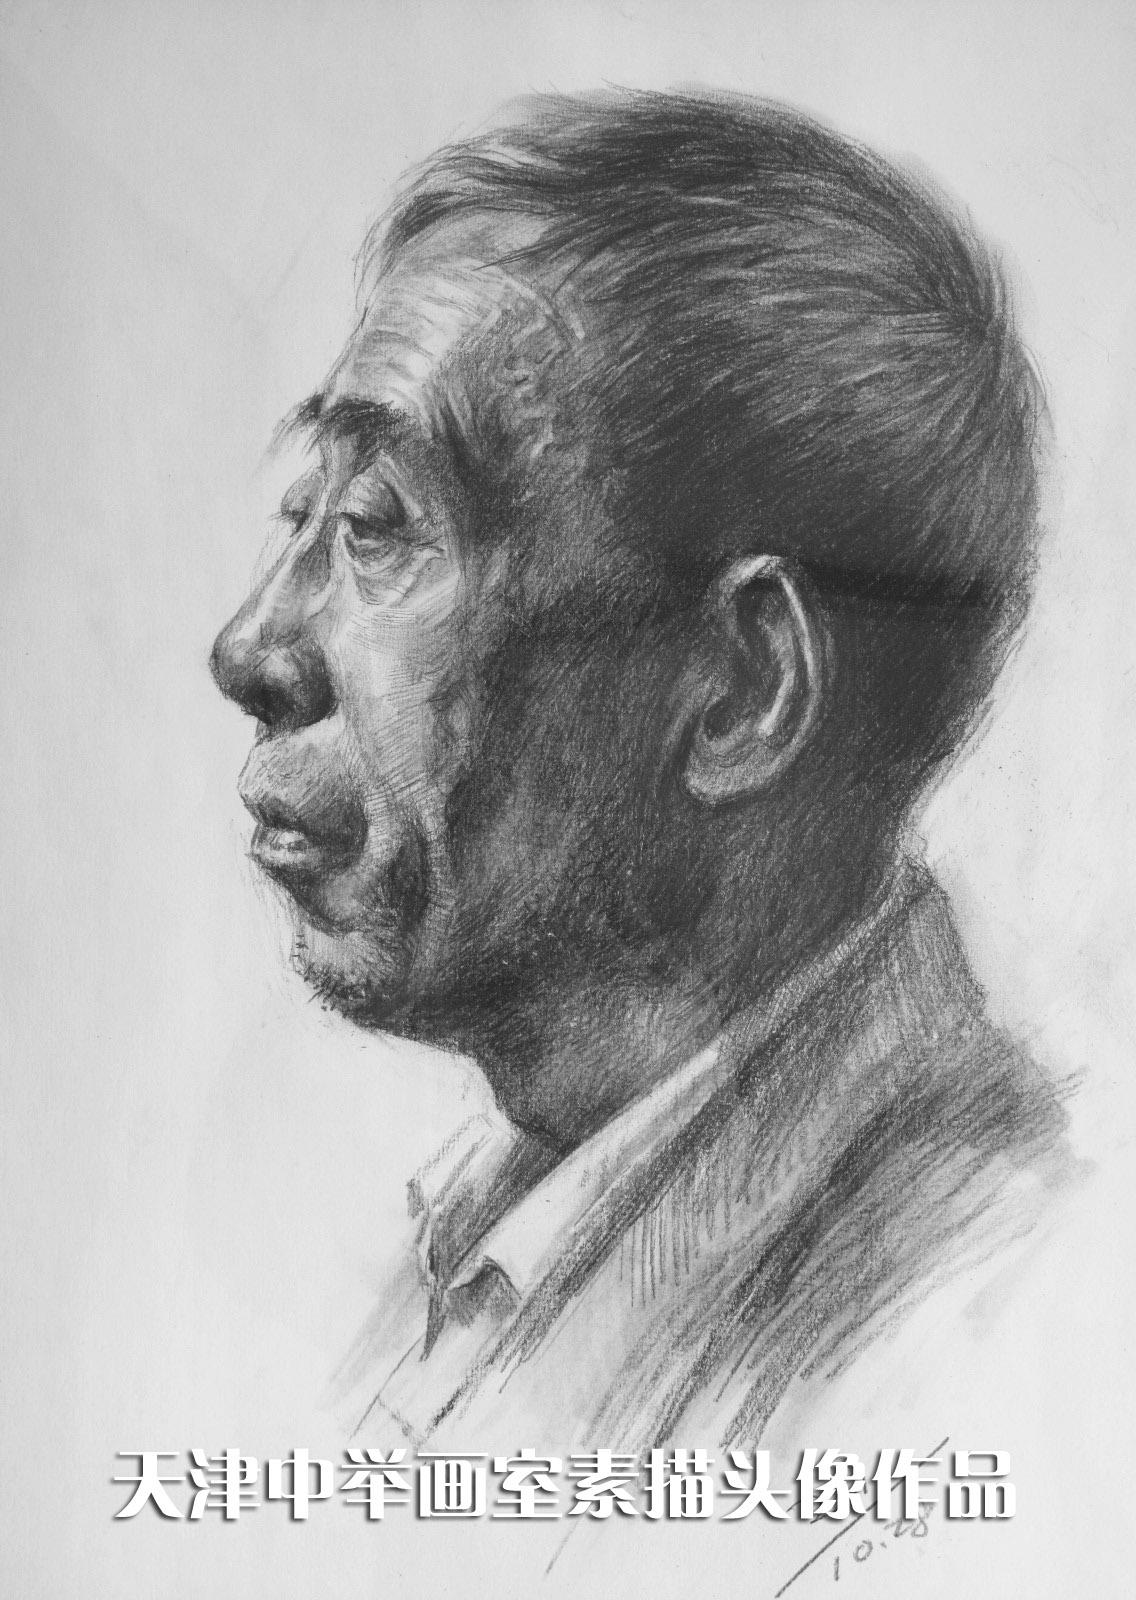 侧面老人头像写生——天津中举画室高考美术资讯网